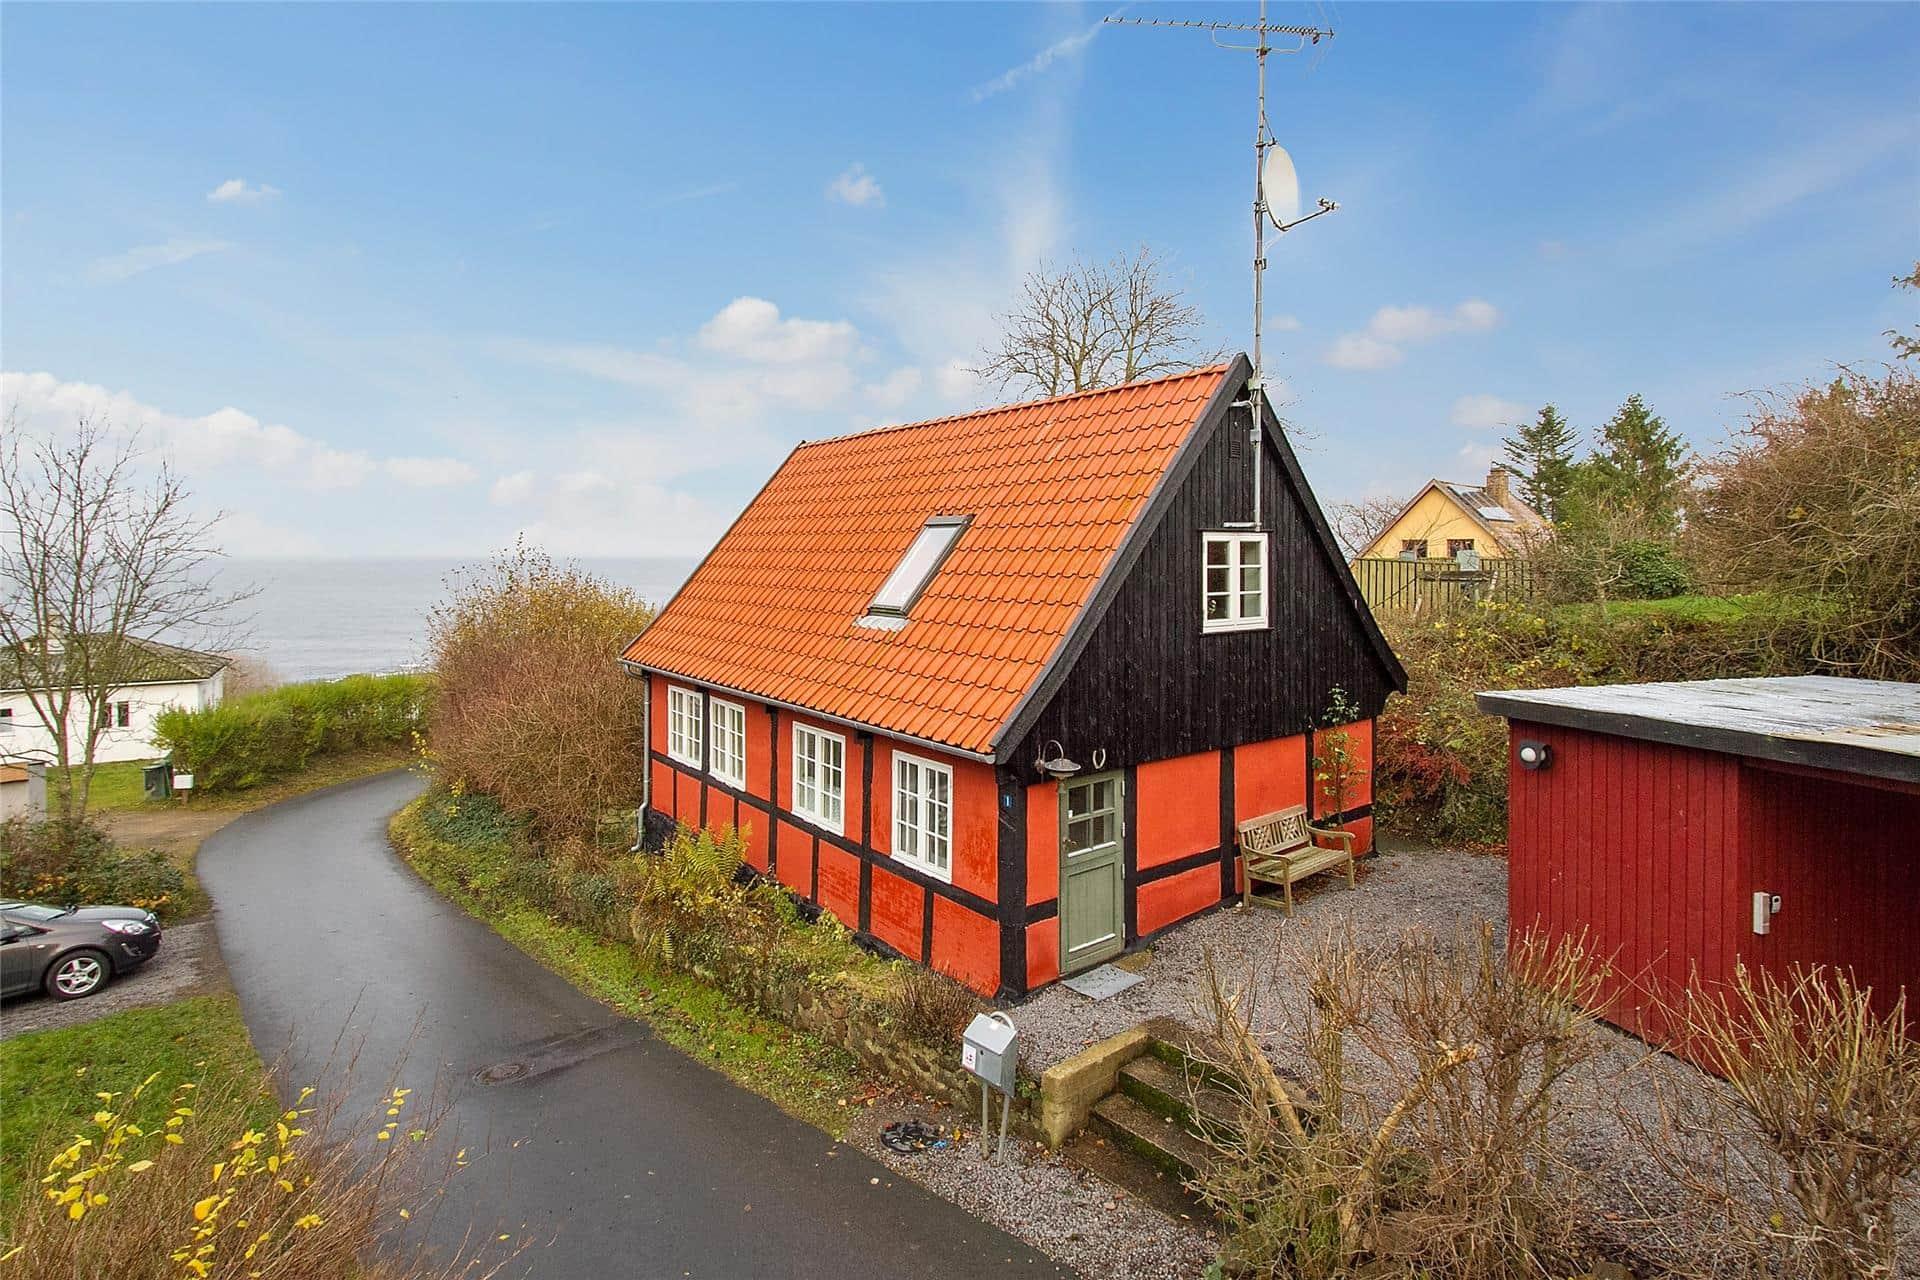 Bilde 1-10 Feirehus 5745, Kåsevej 1, DK - 3770 Allinge